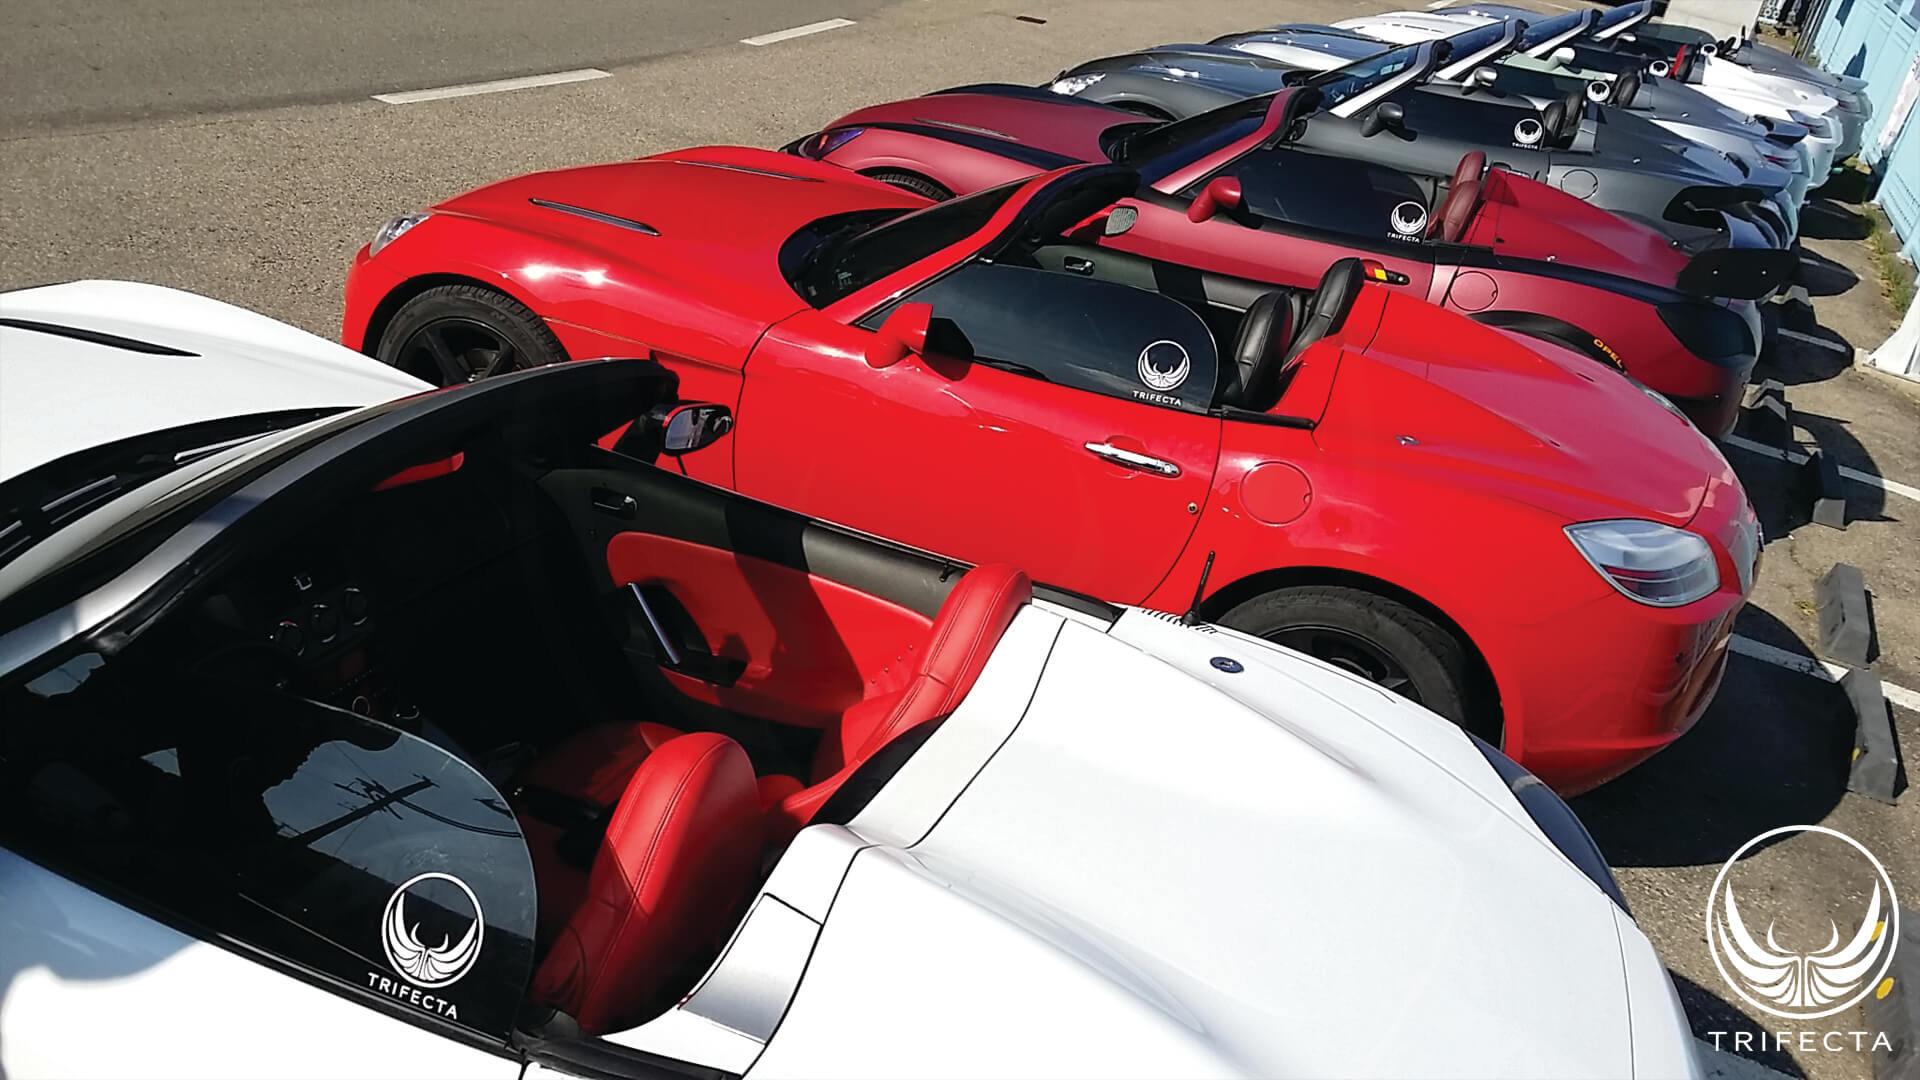 Product Review: 2007--2009 Pontiac Solstice - 2.0L Turbo - Advantage+